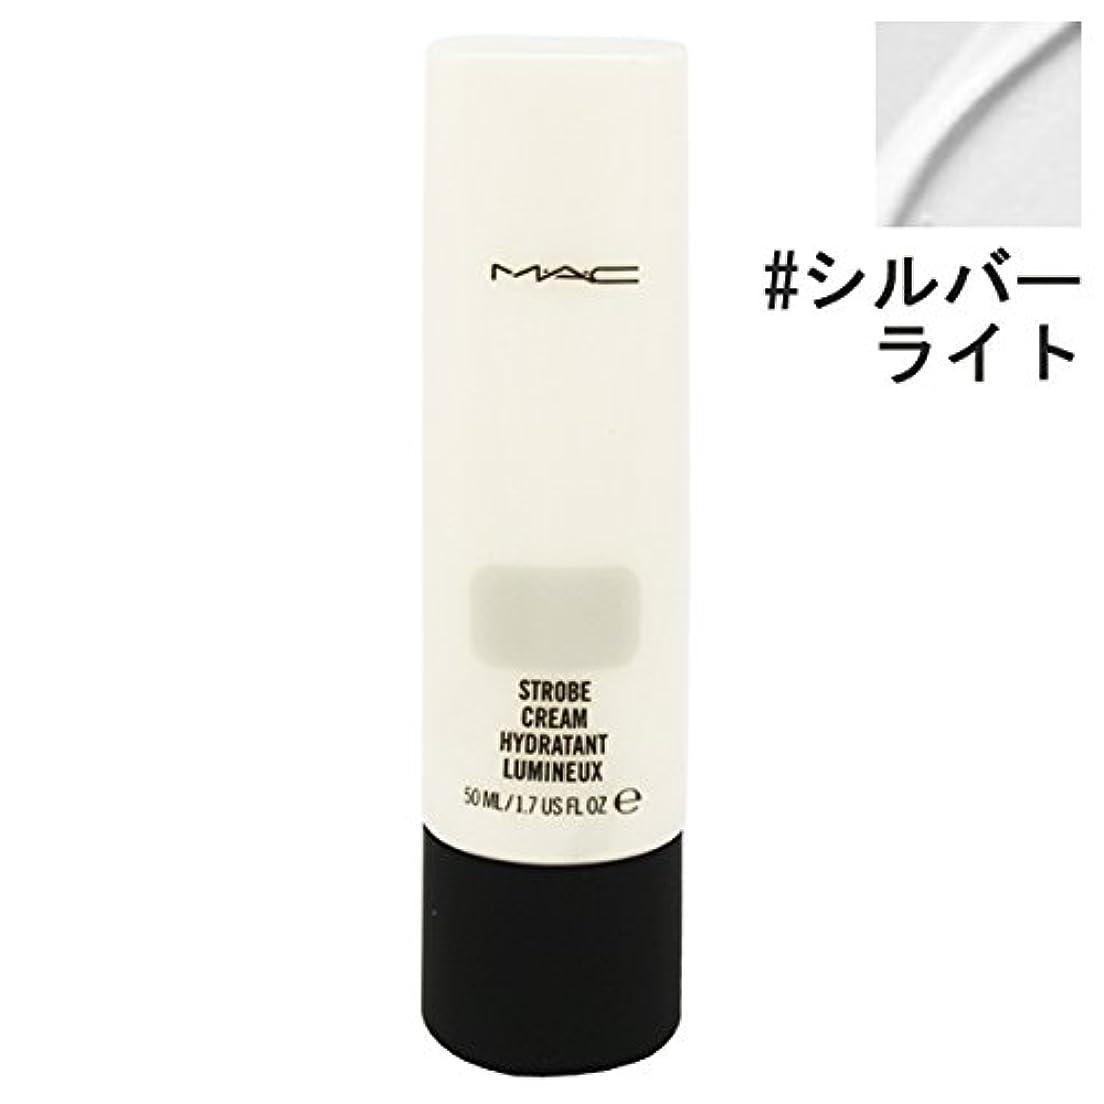 開業医小康手術マック(MAC) ストロボ クリーム シルバー ライト/Silver Light 50ml[並行輸入品]